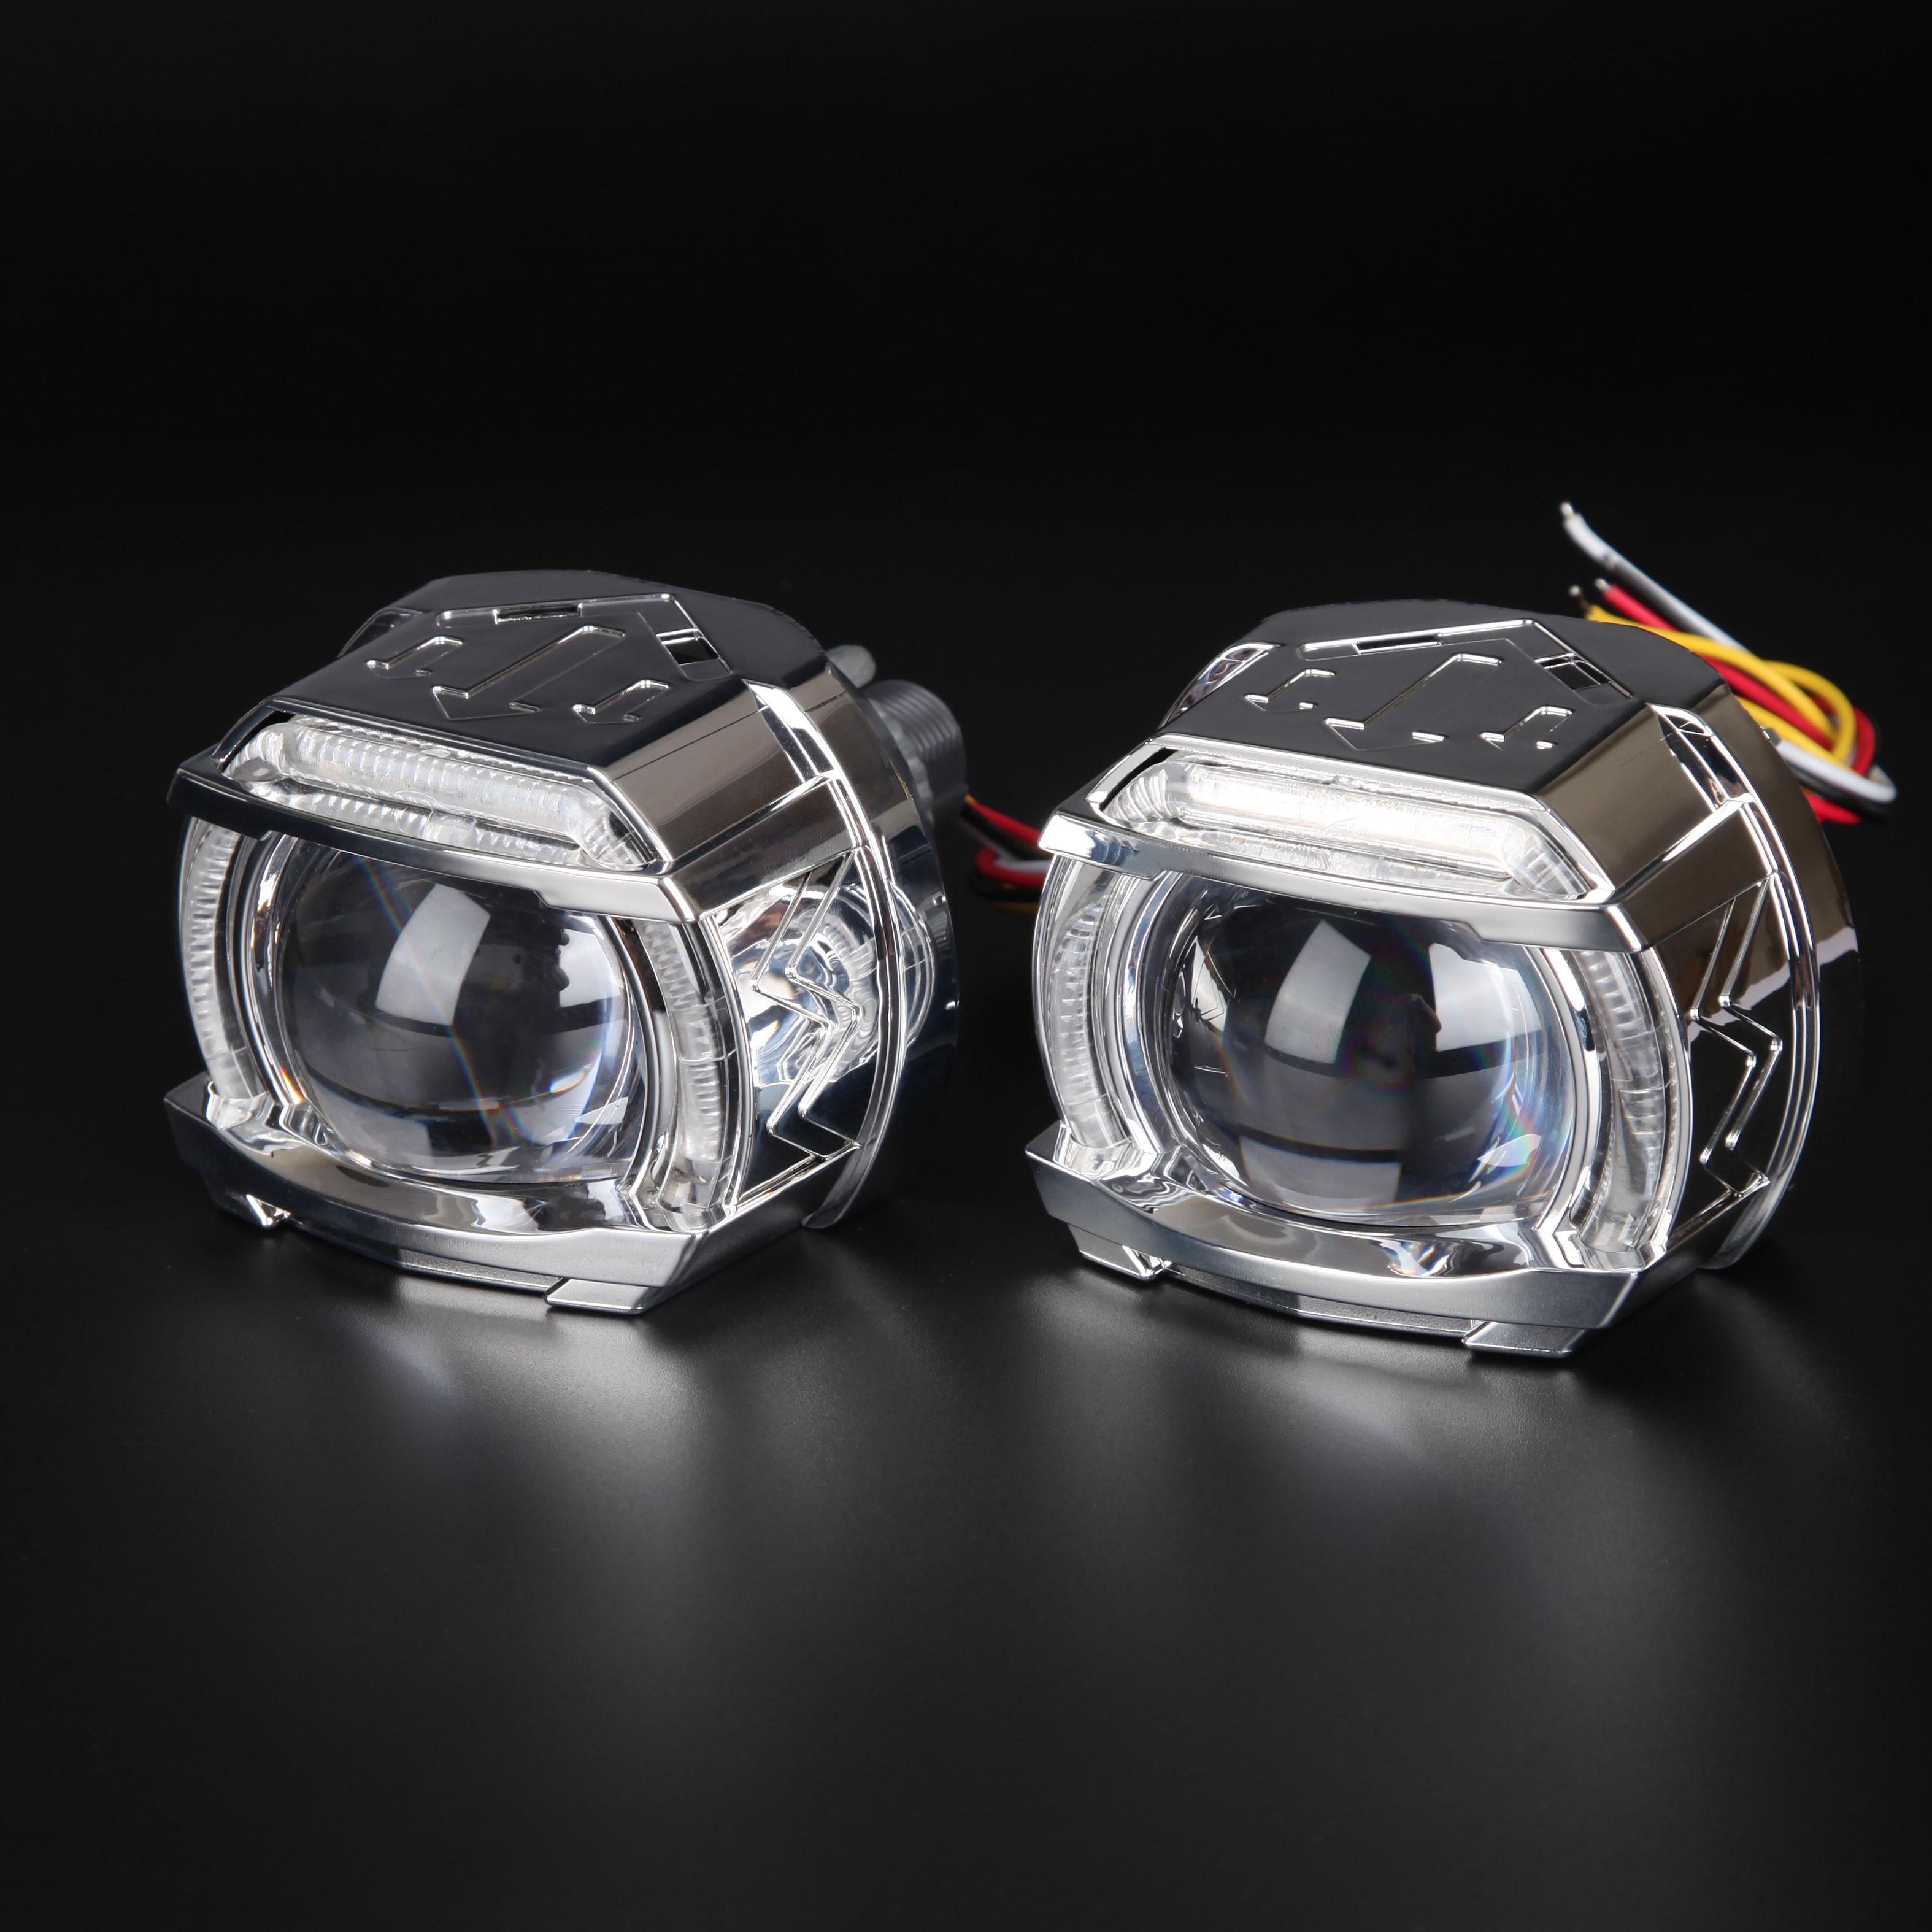 LED High Beam Angel Eyes Projector Lens Car Lenses More Focus Lens for Headlight Running Light Car Light Accessories 12V